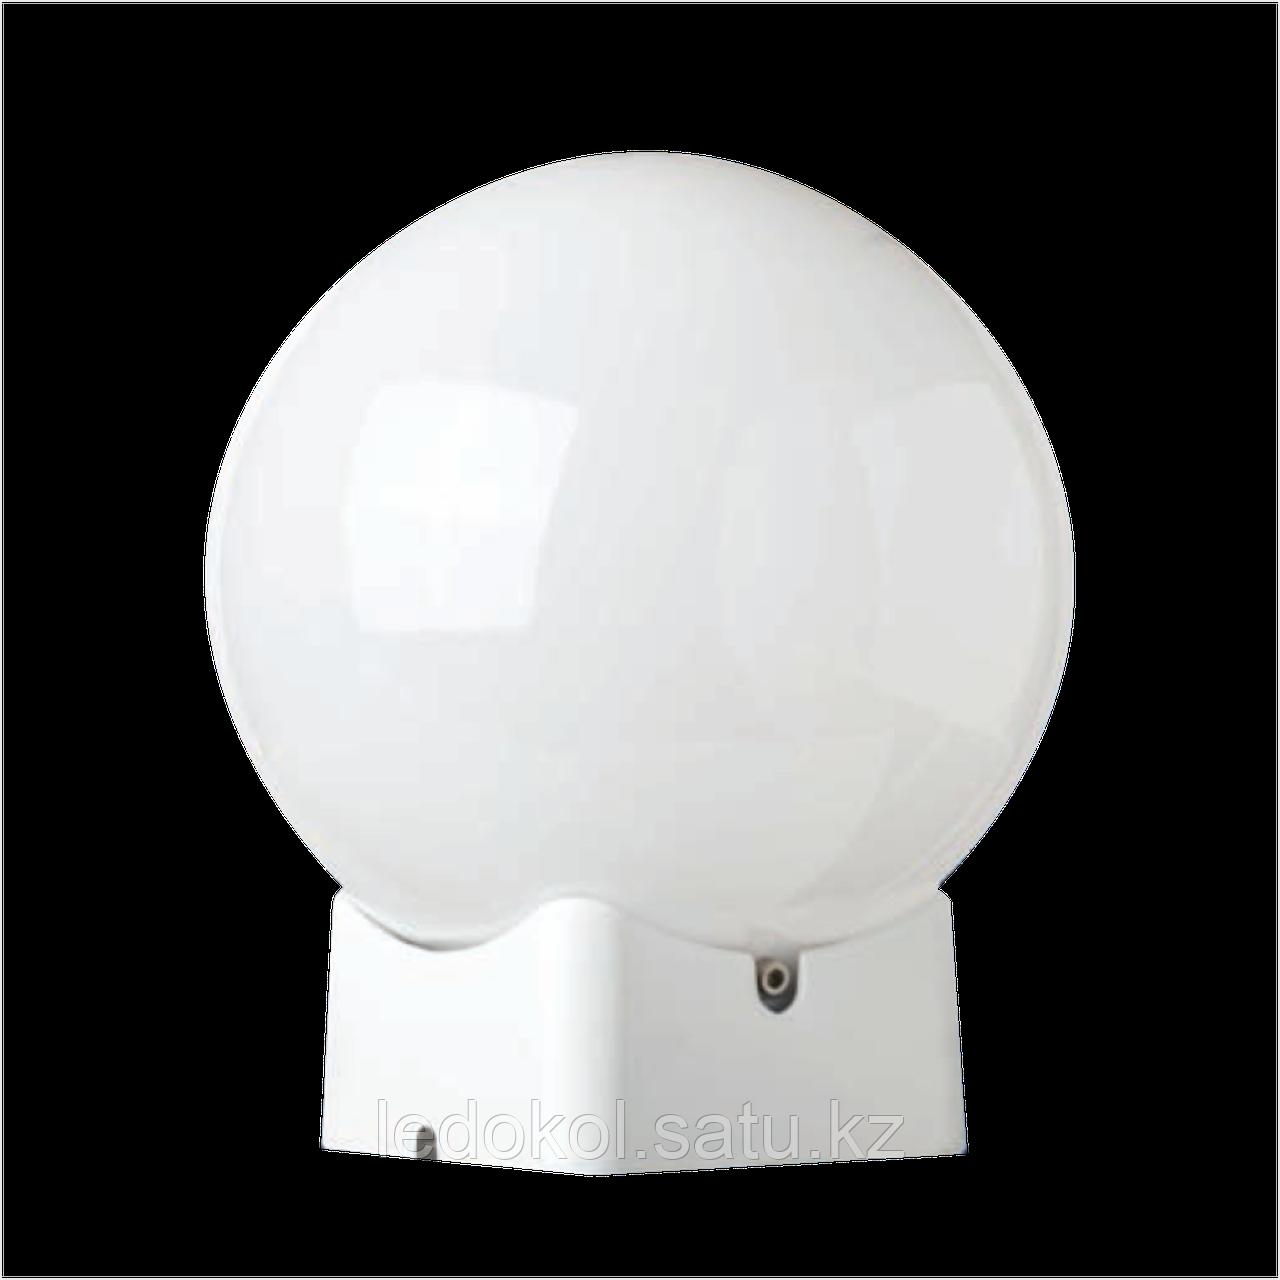 """Светильник дом. ДБО """"Сфера-ЖКХ-001""""LED, 13Вт, с датч, антиванд."""